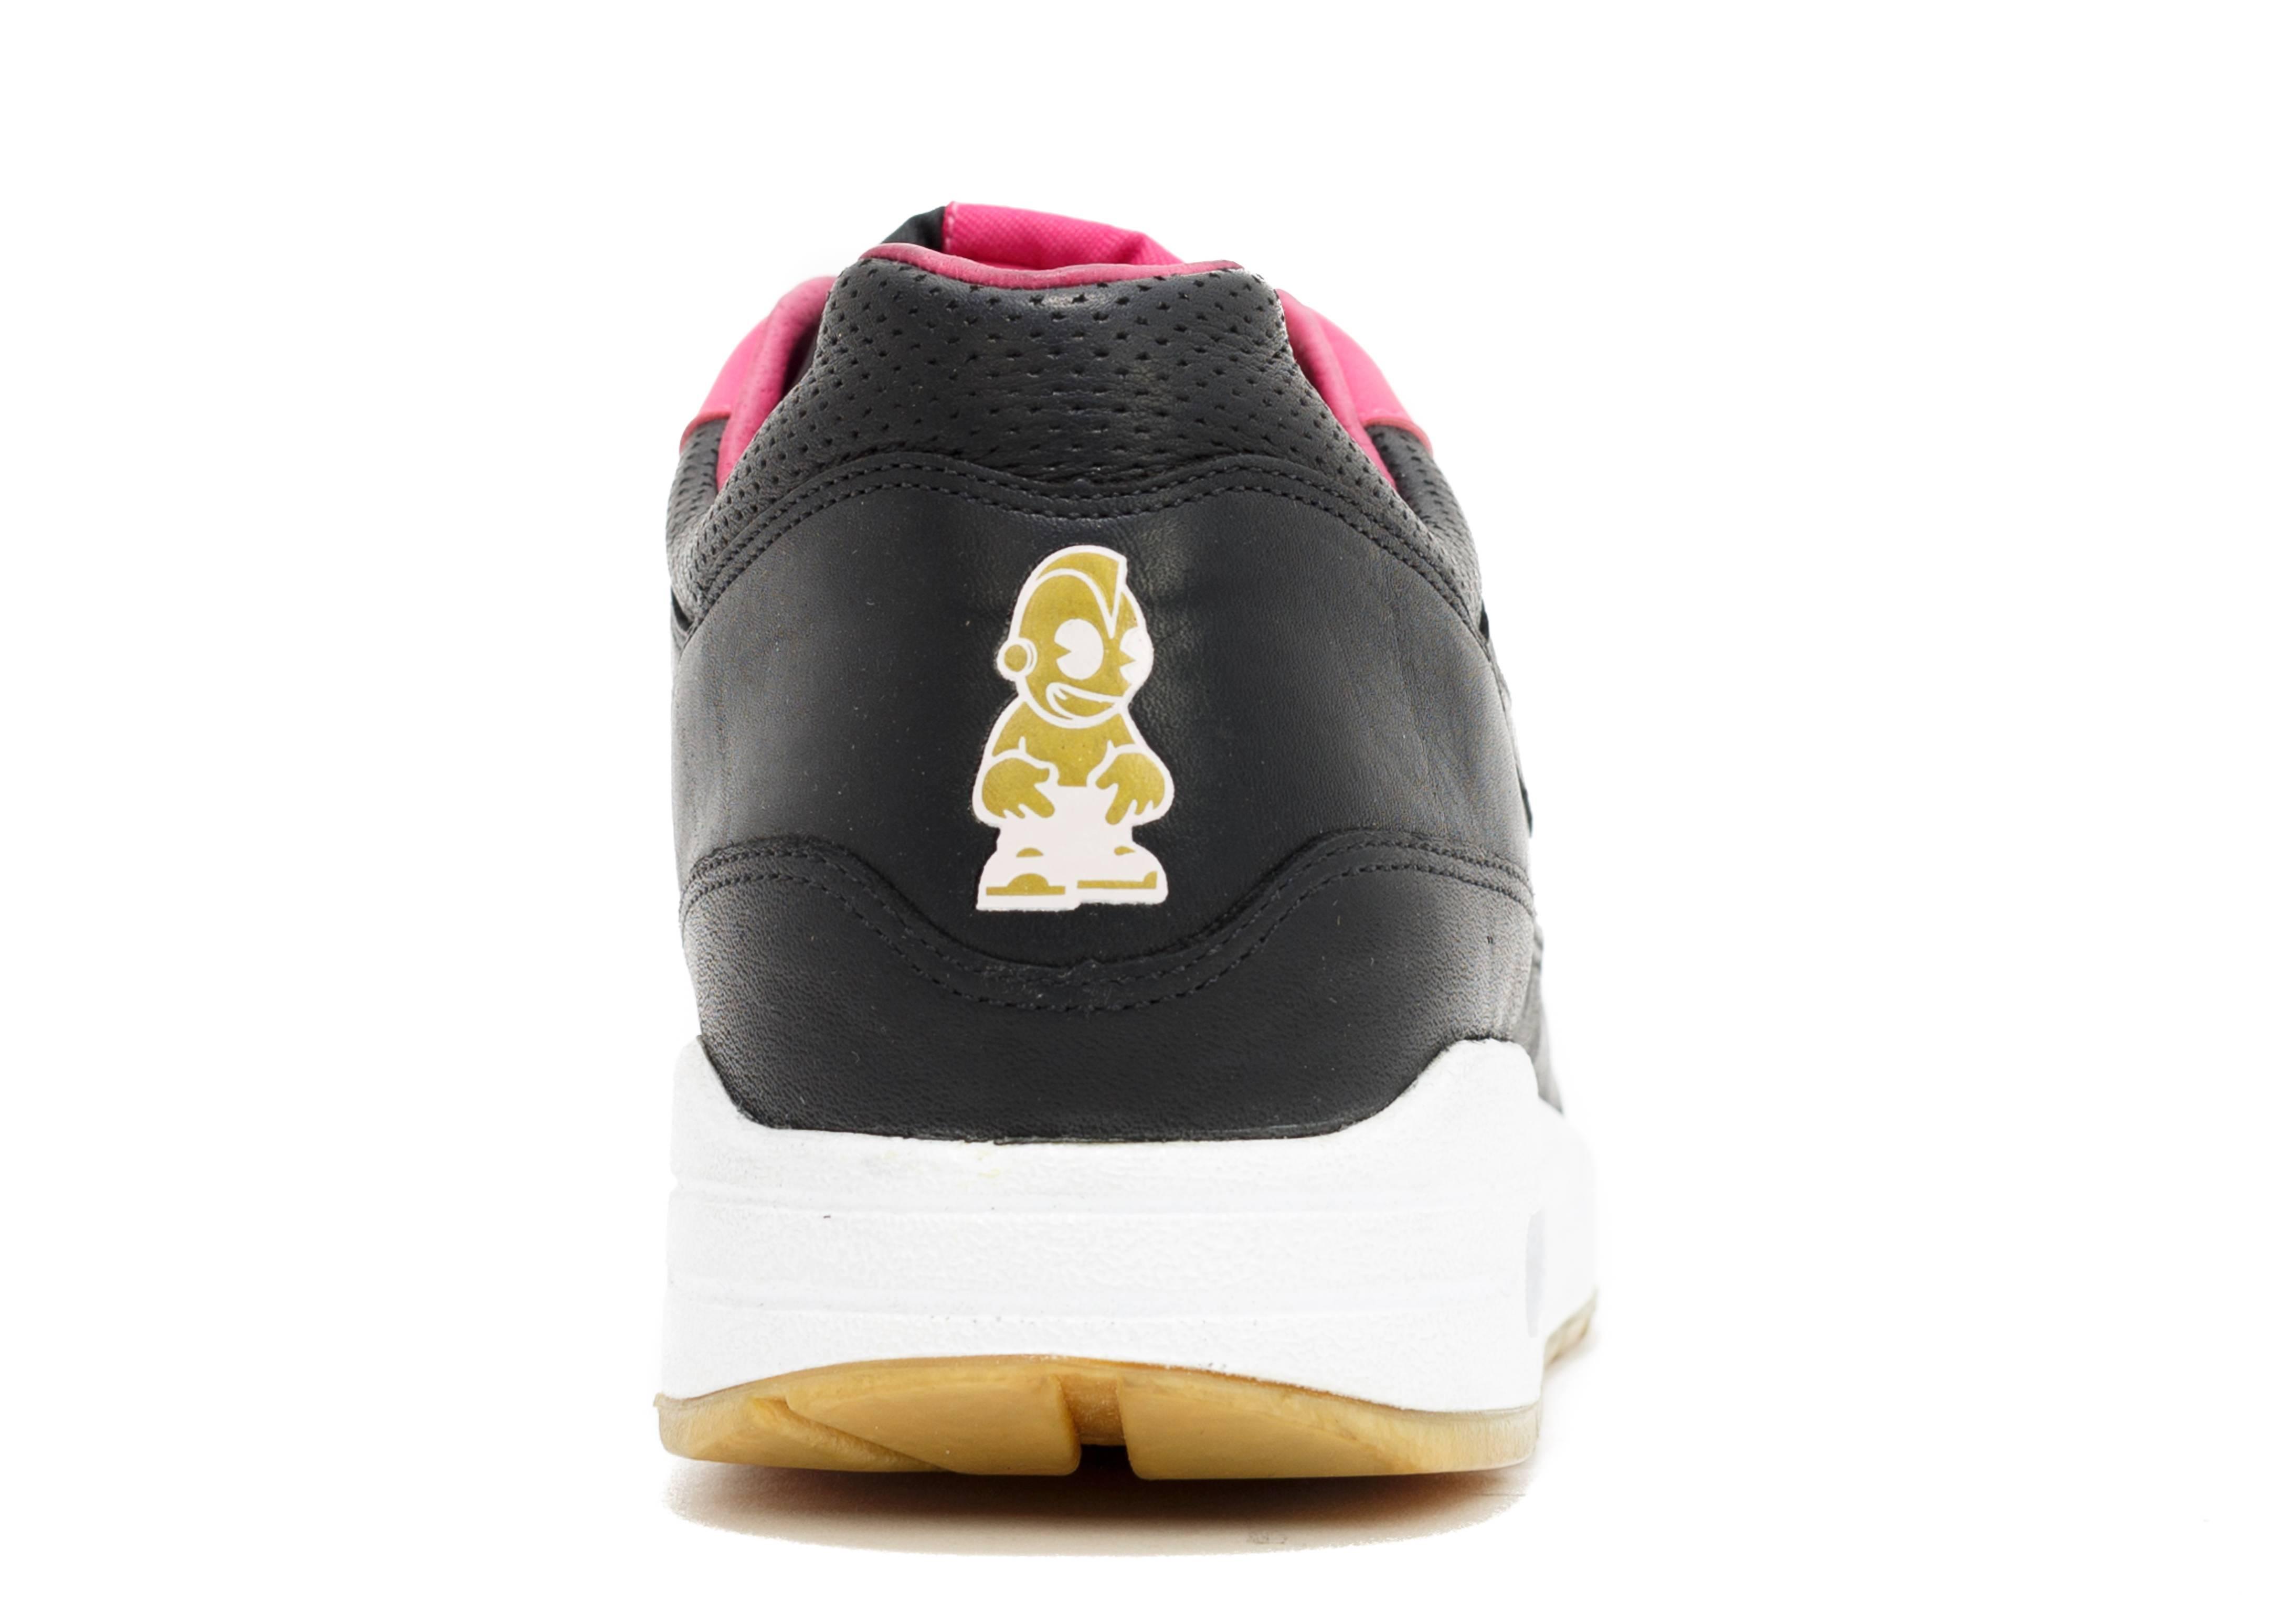 Kidrobot x Nike Air Max 1